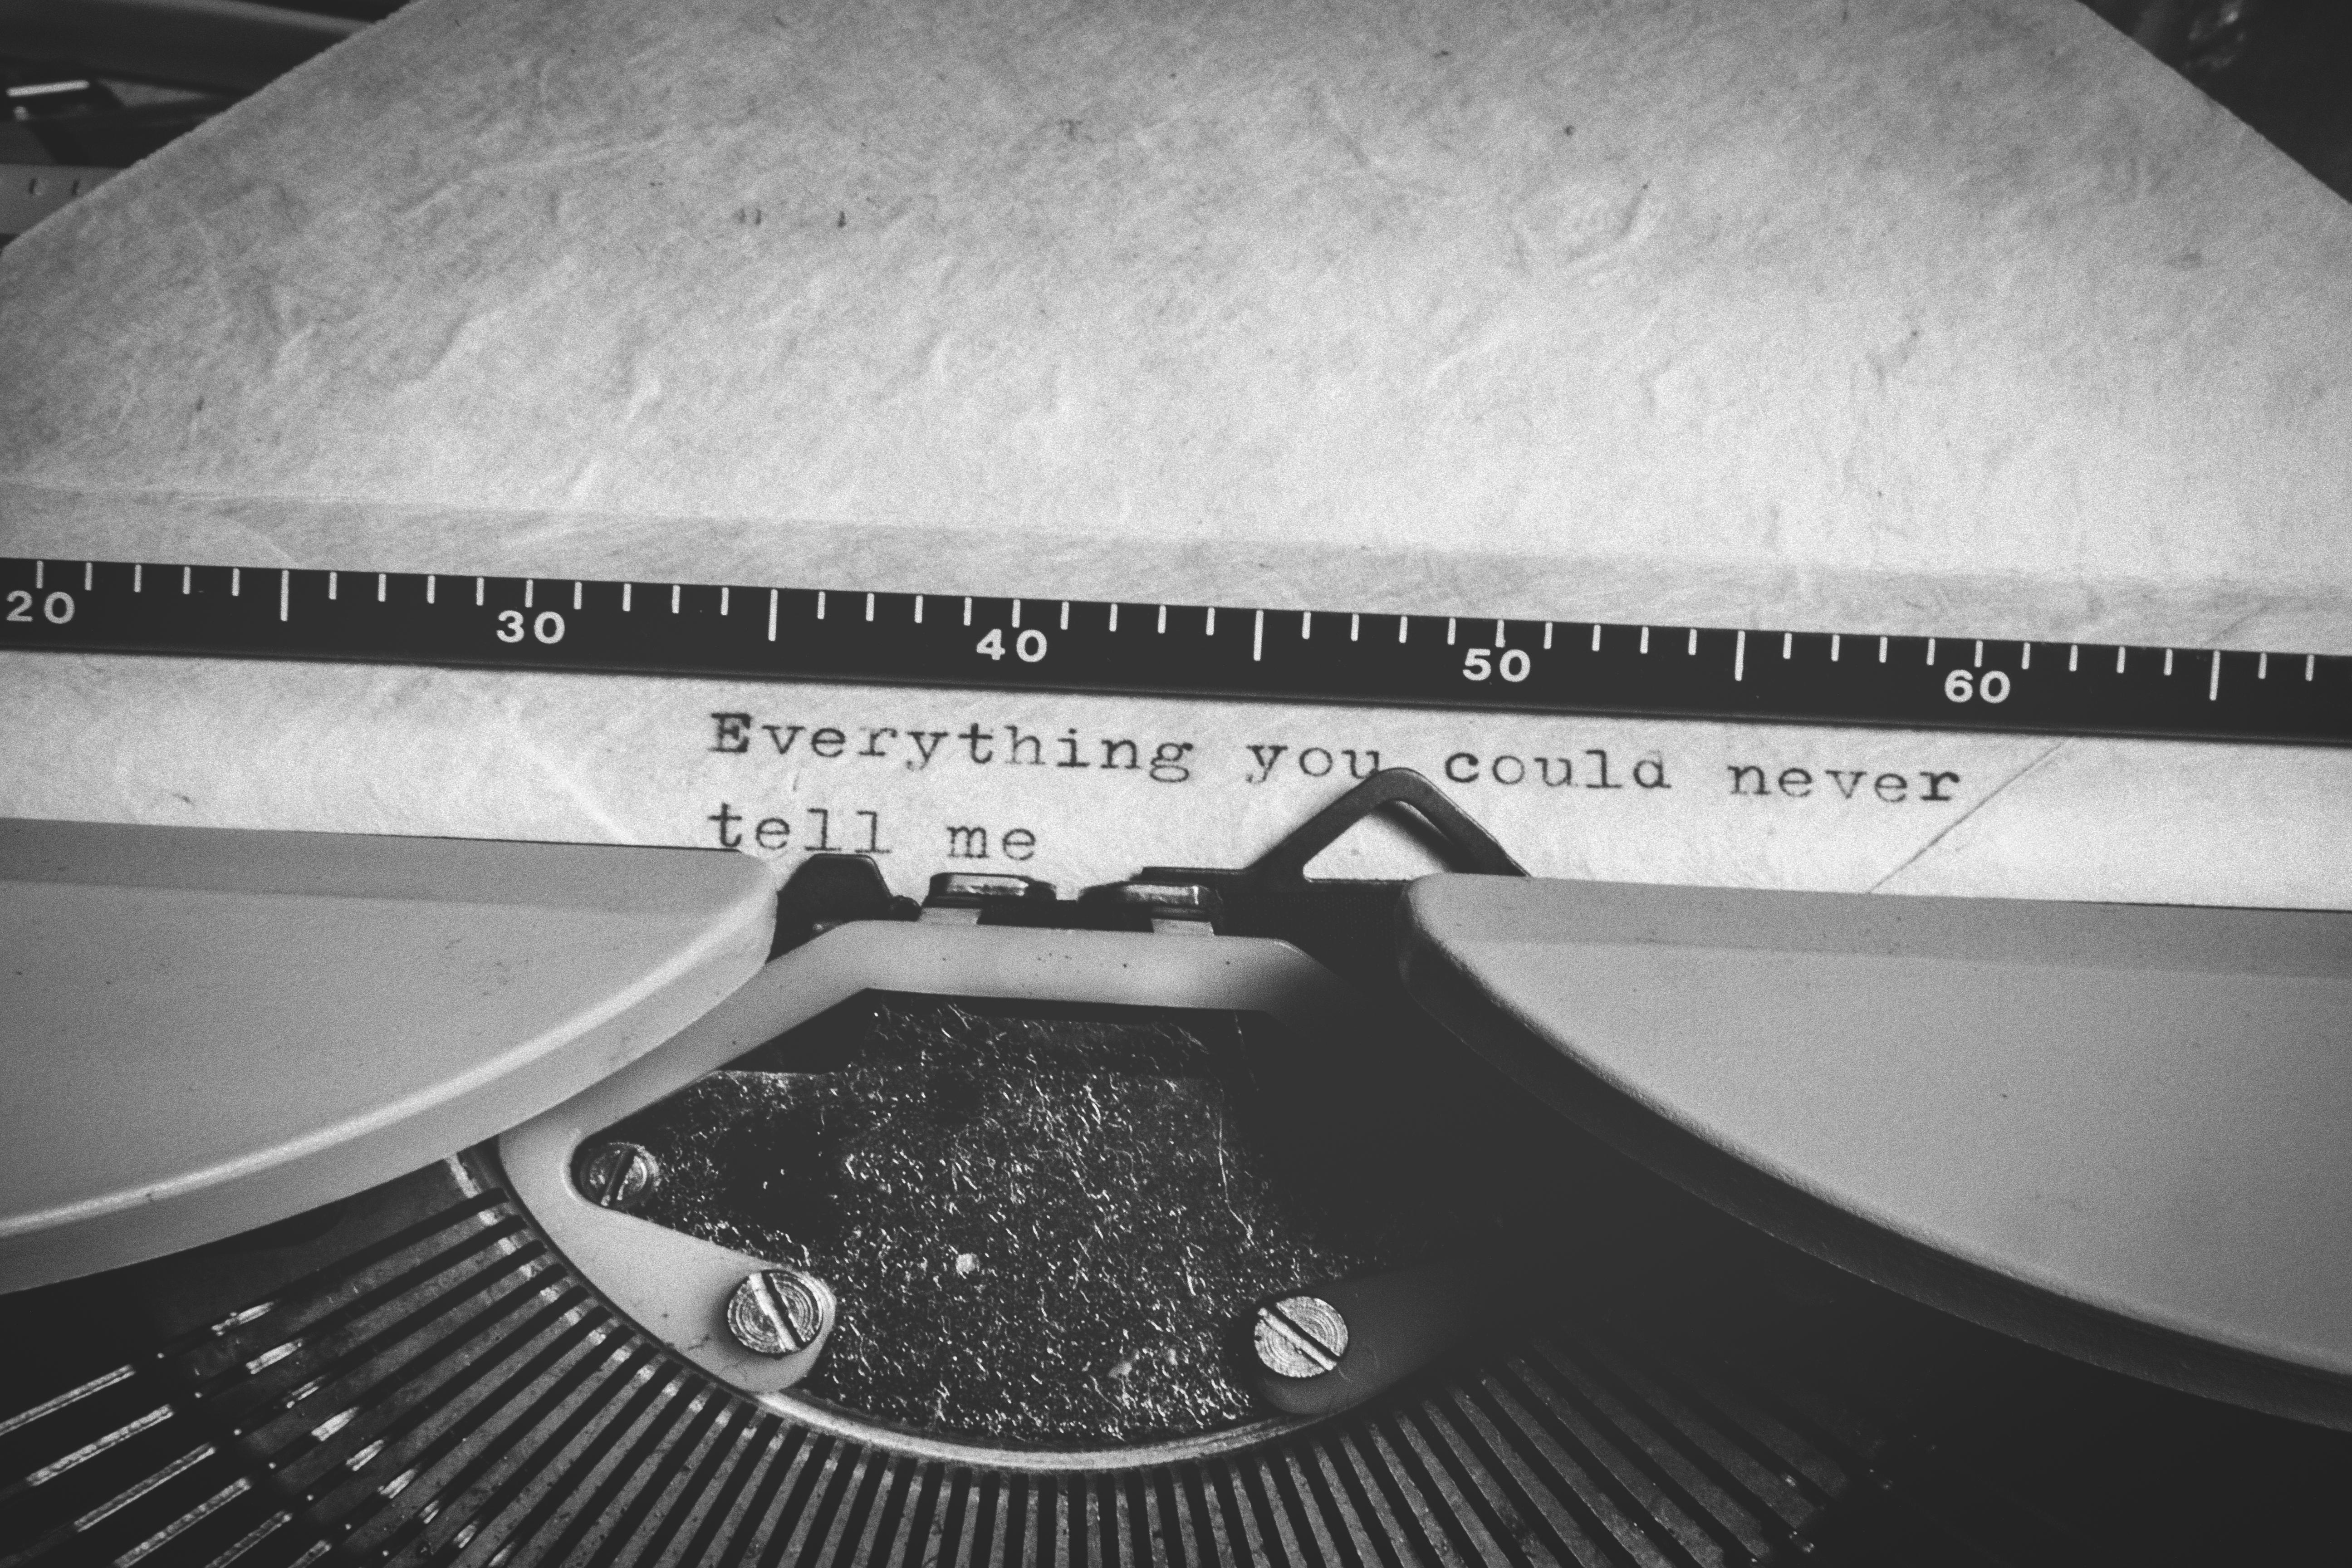 Words on Typewriter